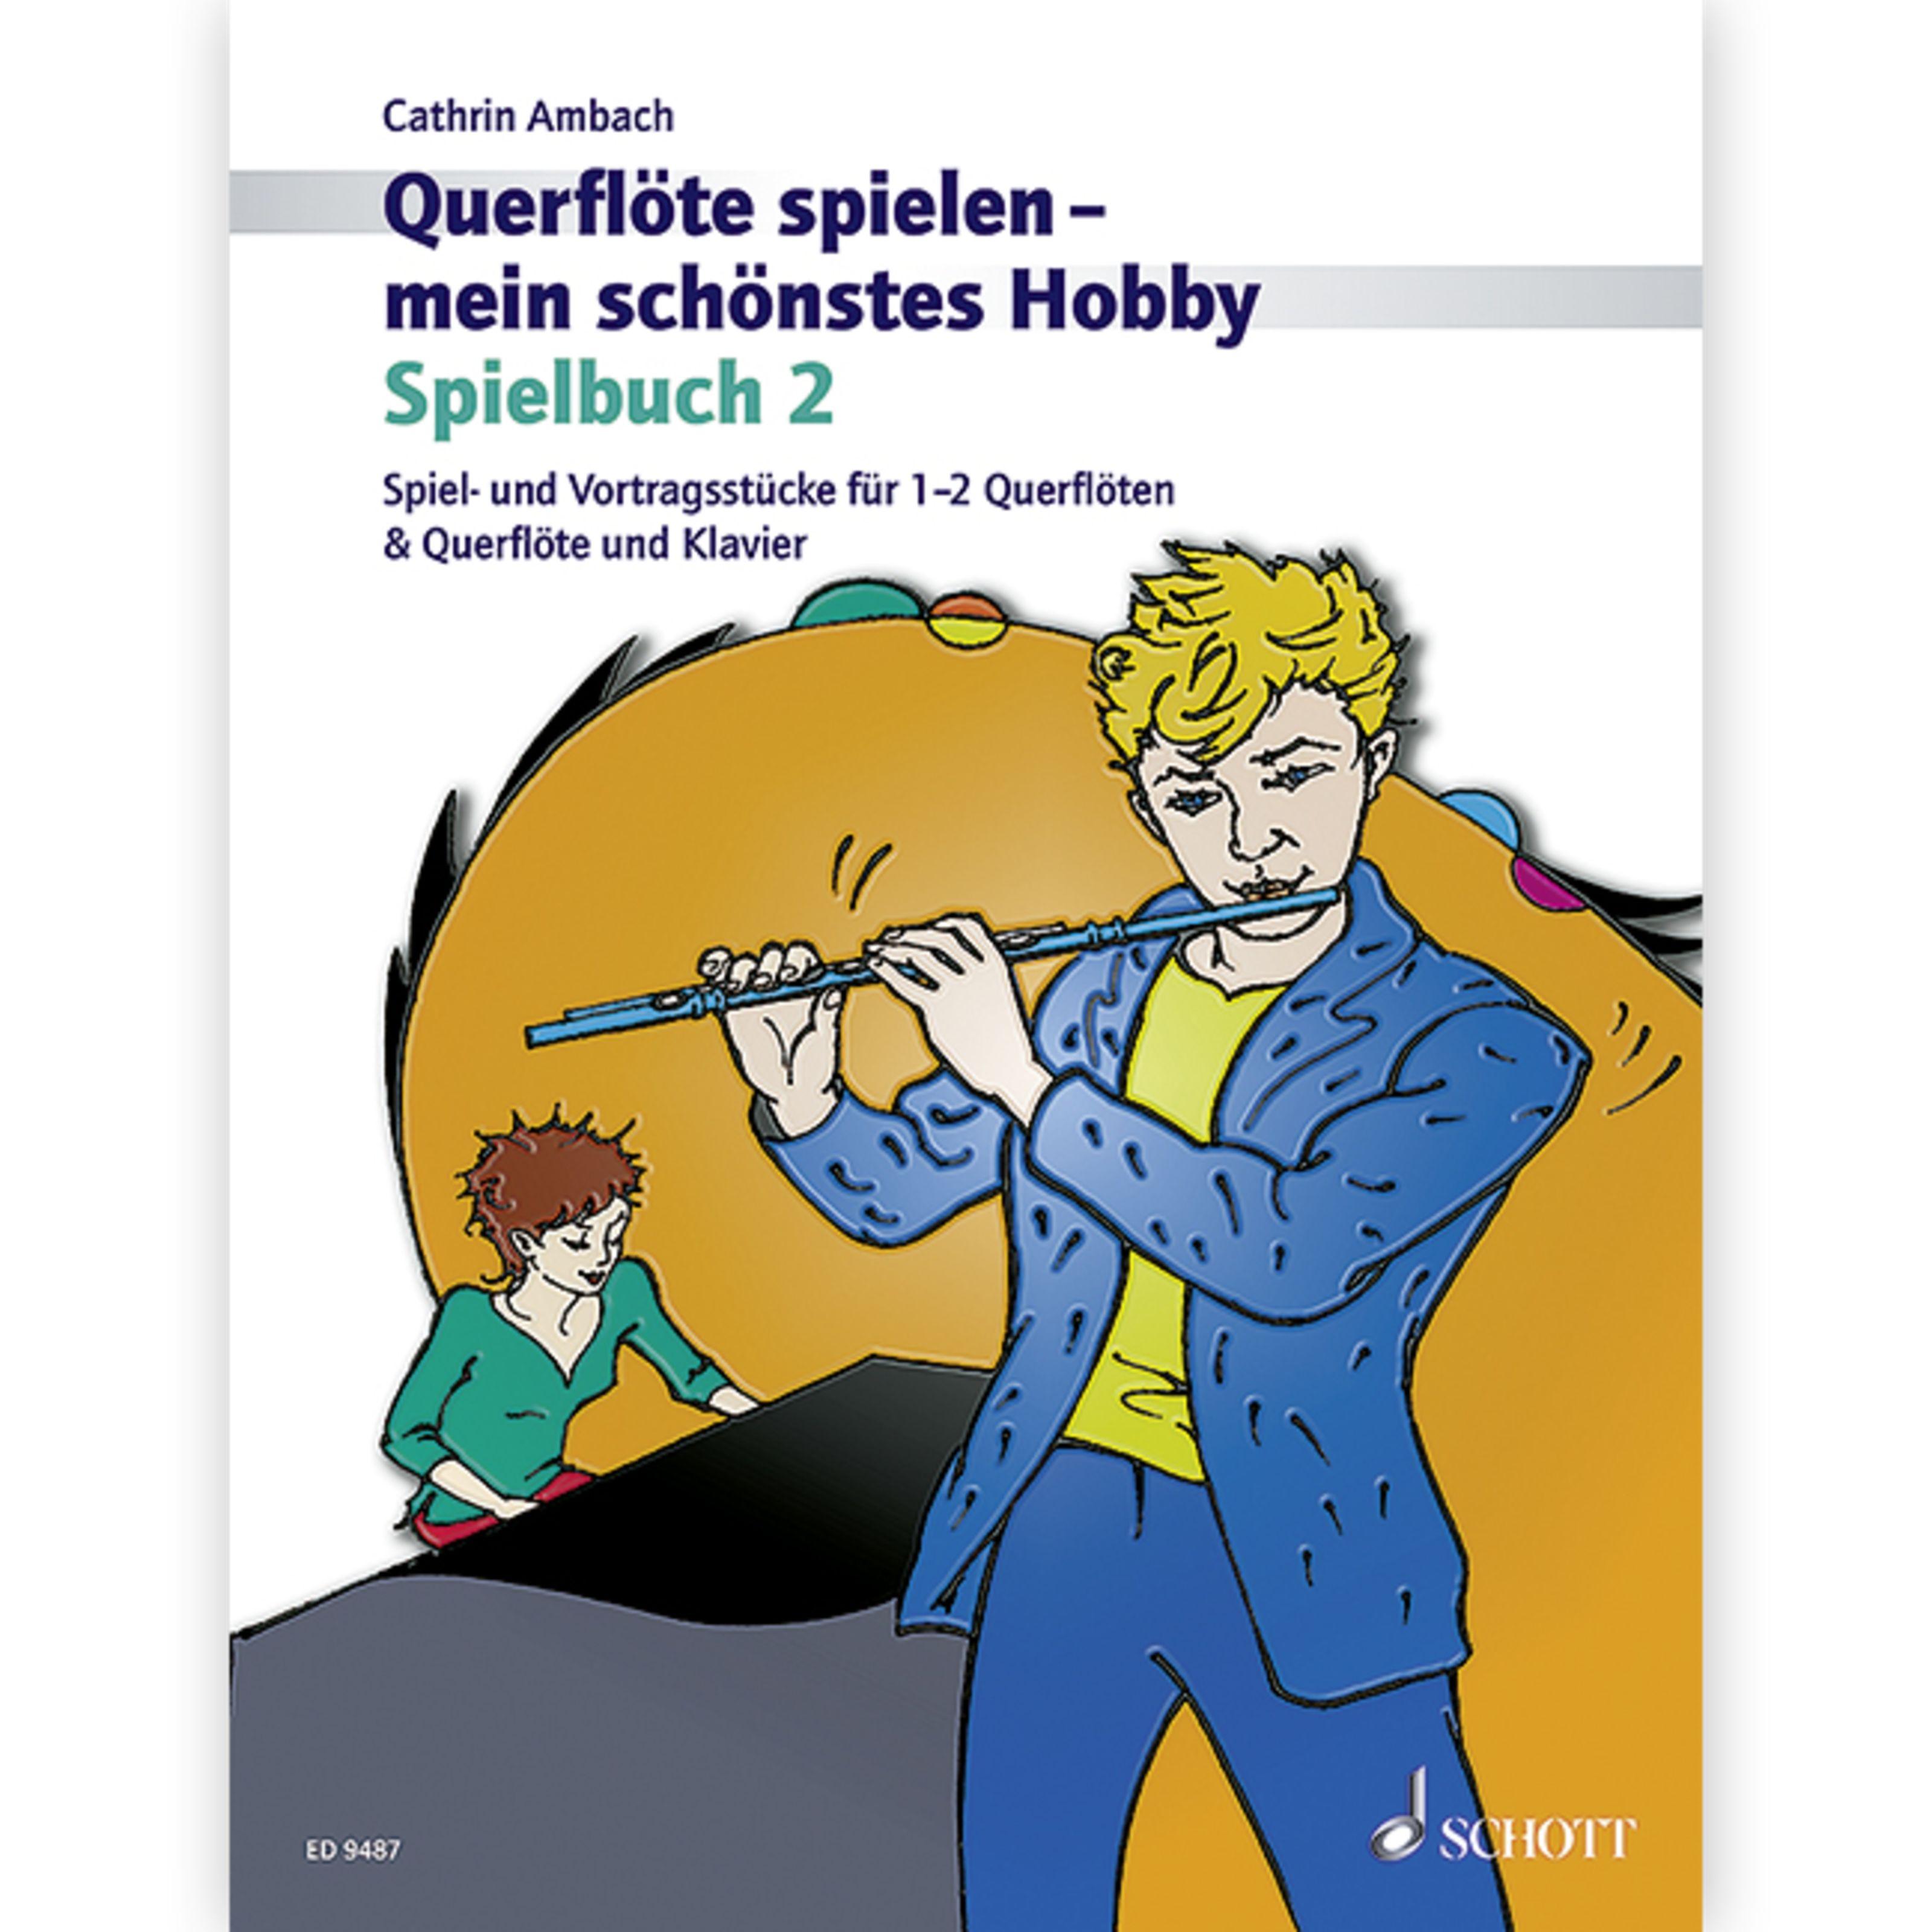 Schott Music - Spielbuch 2 C. Ambach - FL & Klav oder 2FL ED 9487